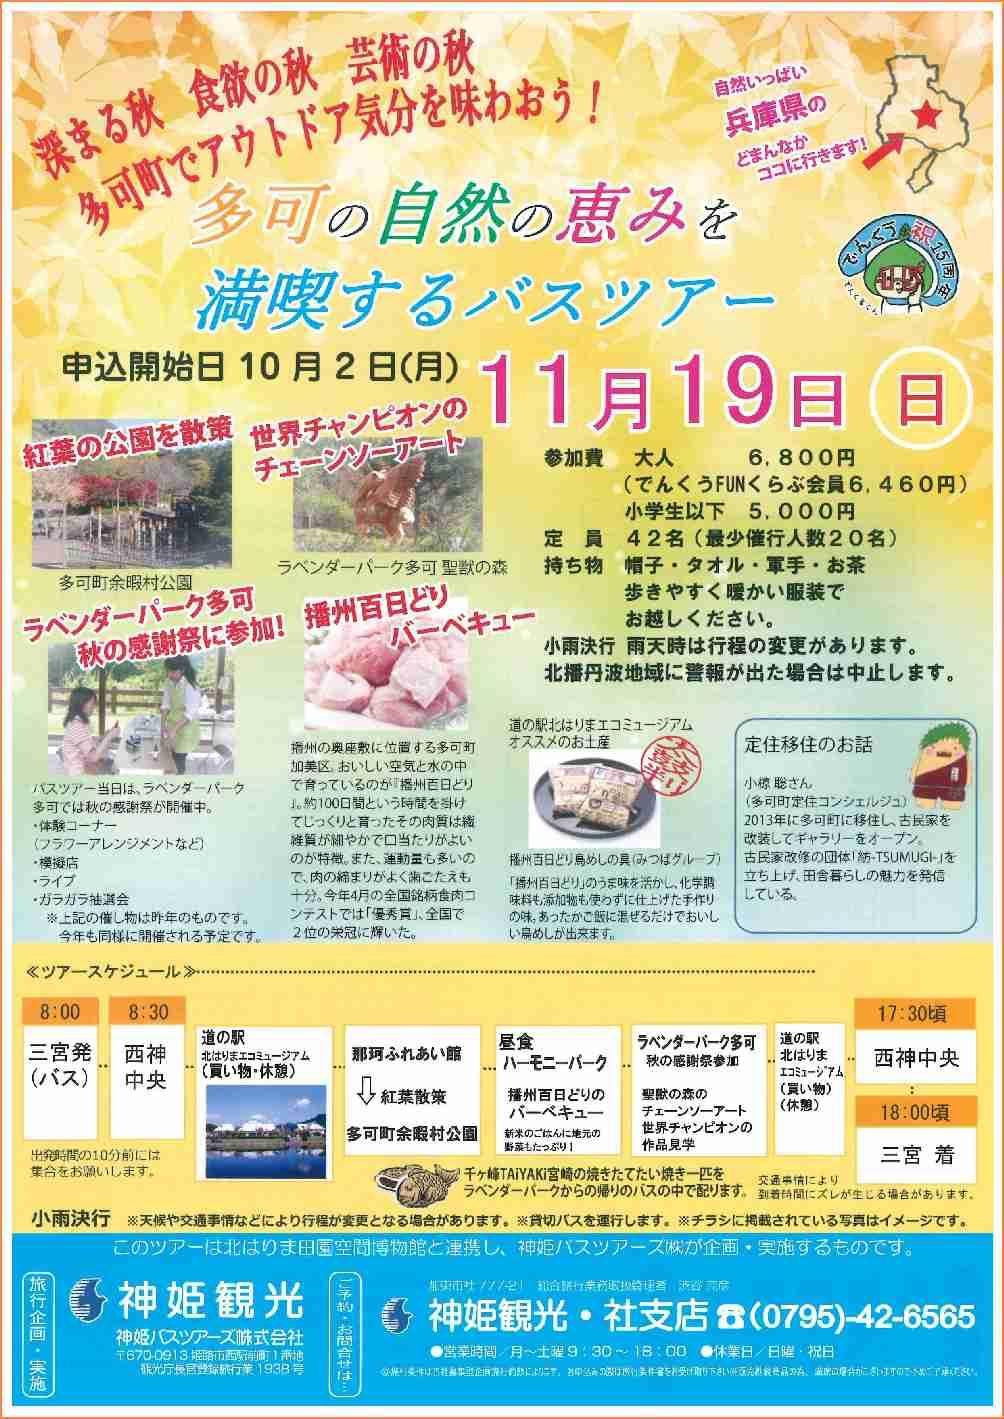 11/19 三宮発バスツアー「多可の自然の恵みを満喫するツアー」